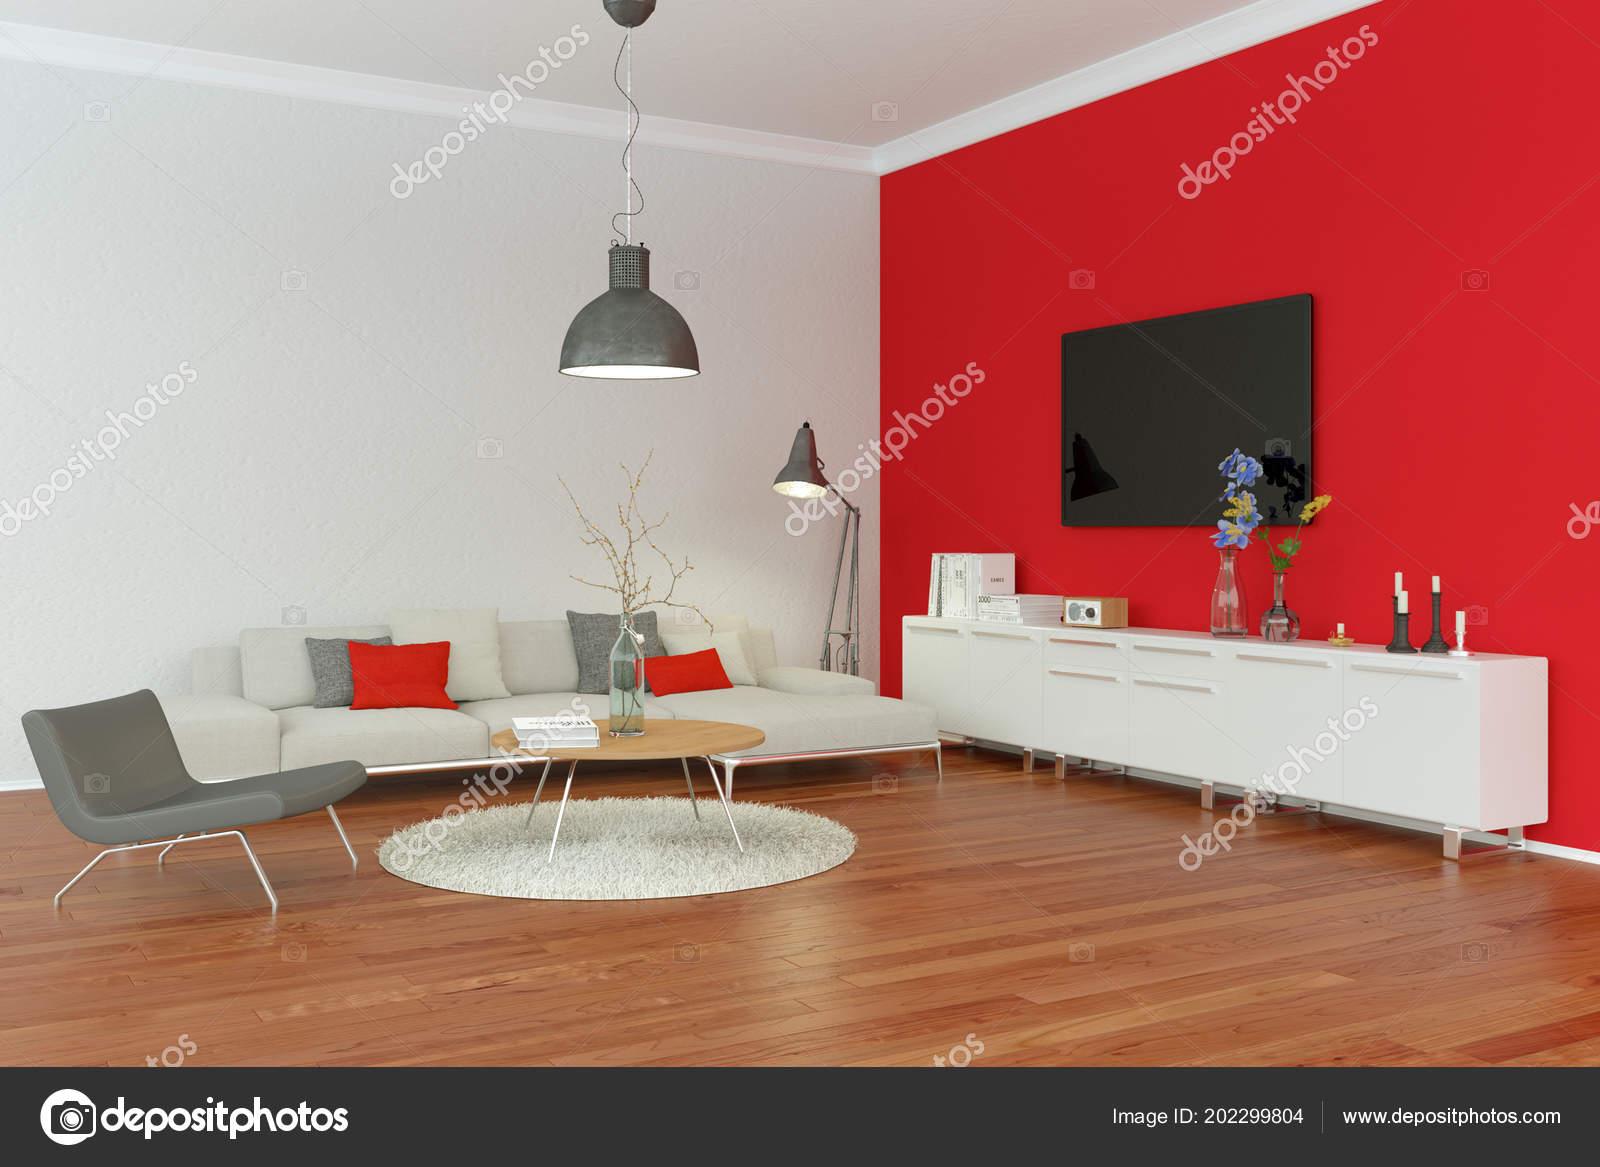 Moderne Wohnzimmer Interieurdesign mit roten Wand ...